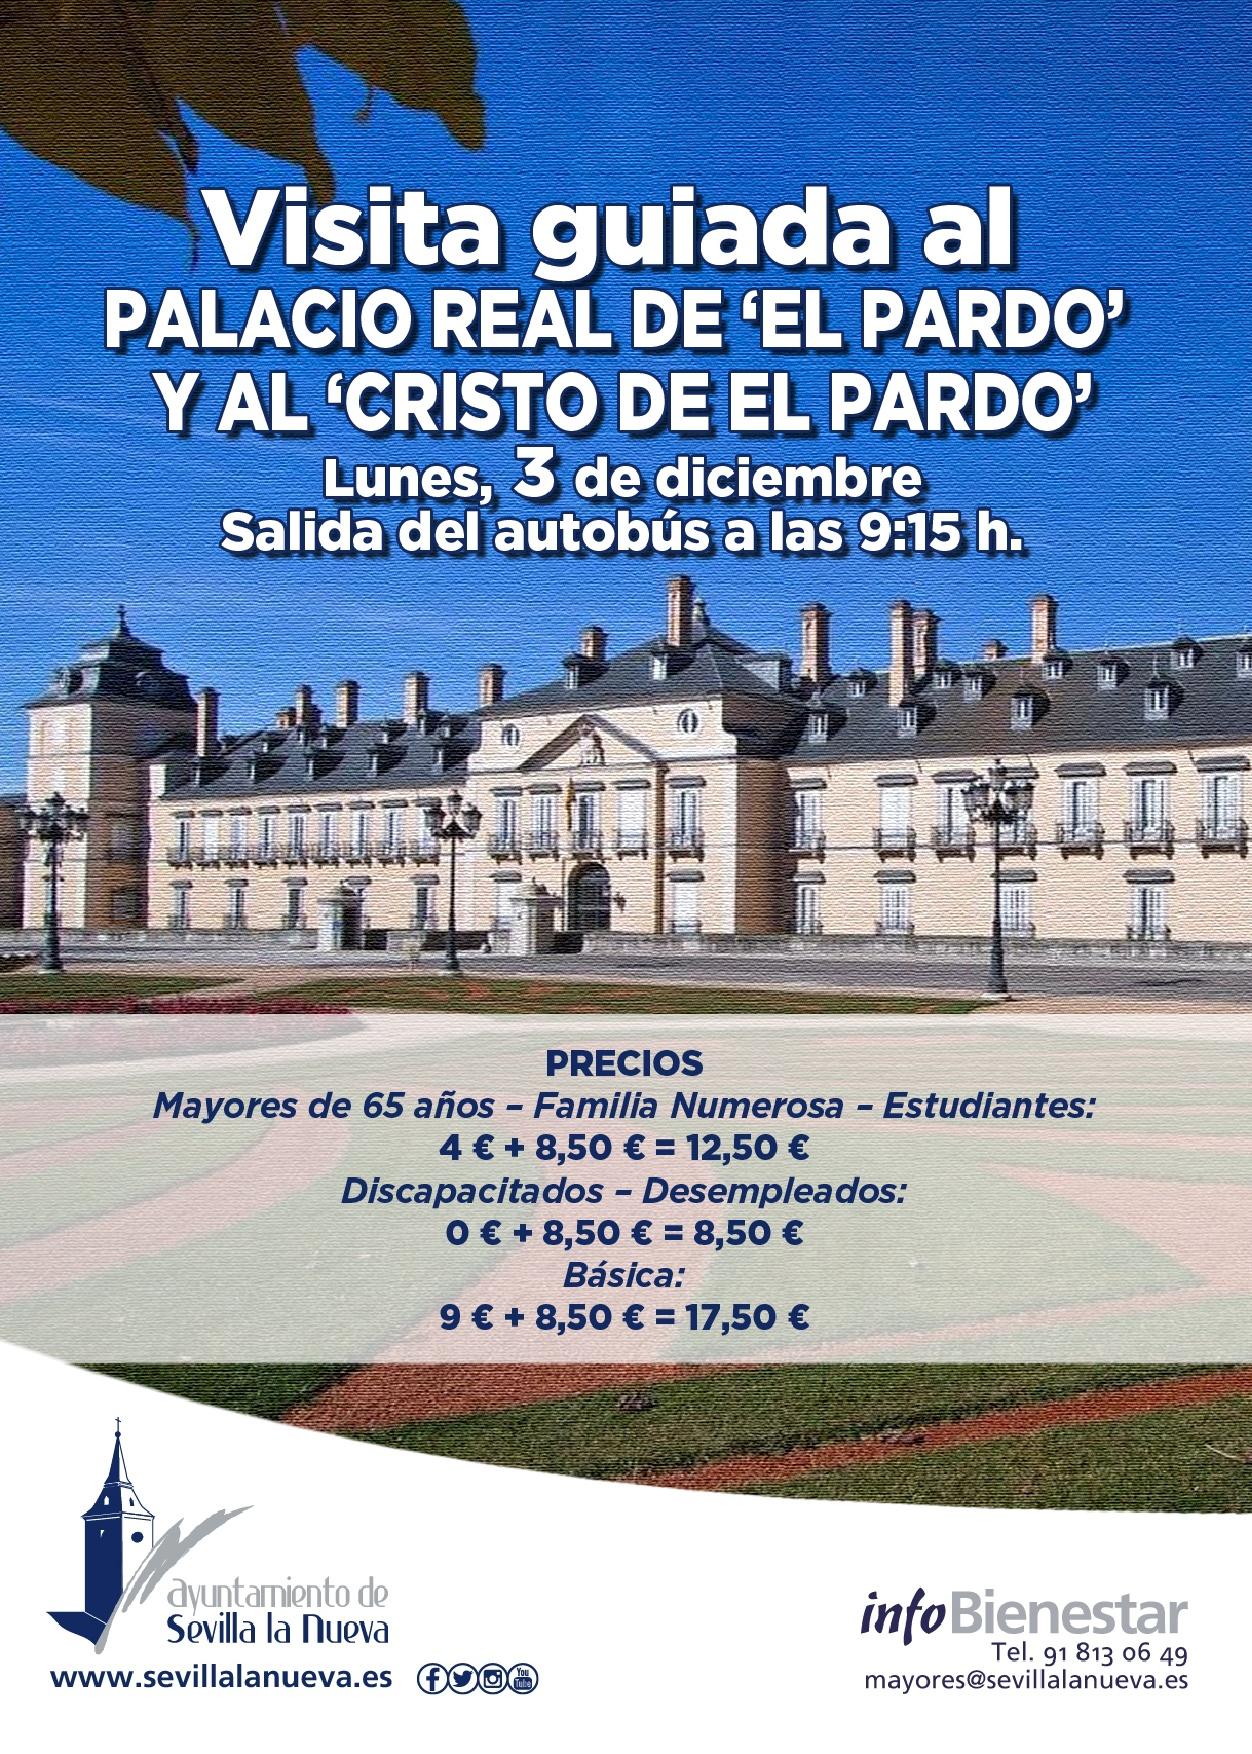 Visita guiada - Palacio de 'El Pardo' @ Palacio de 'El Pardo' | Madrid | Comunidad de Madrid | España